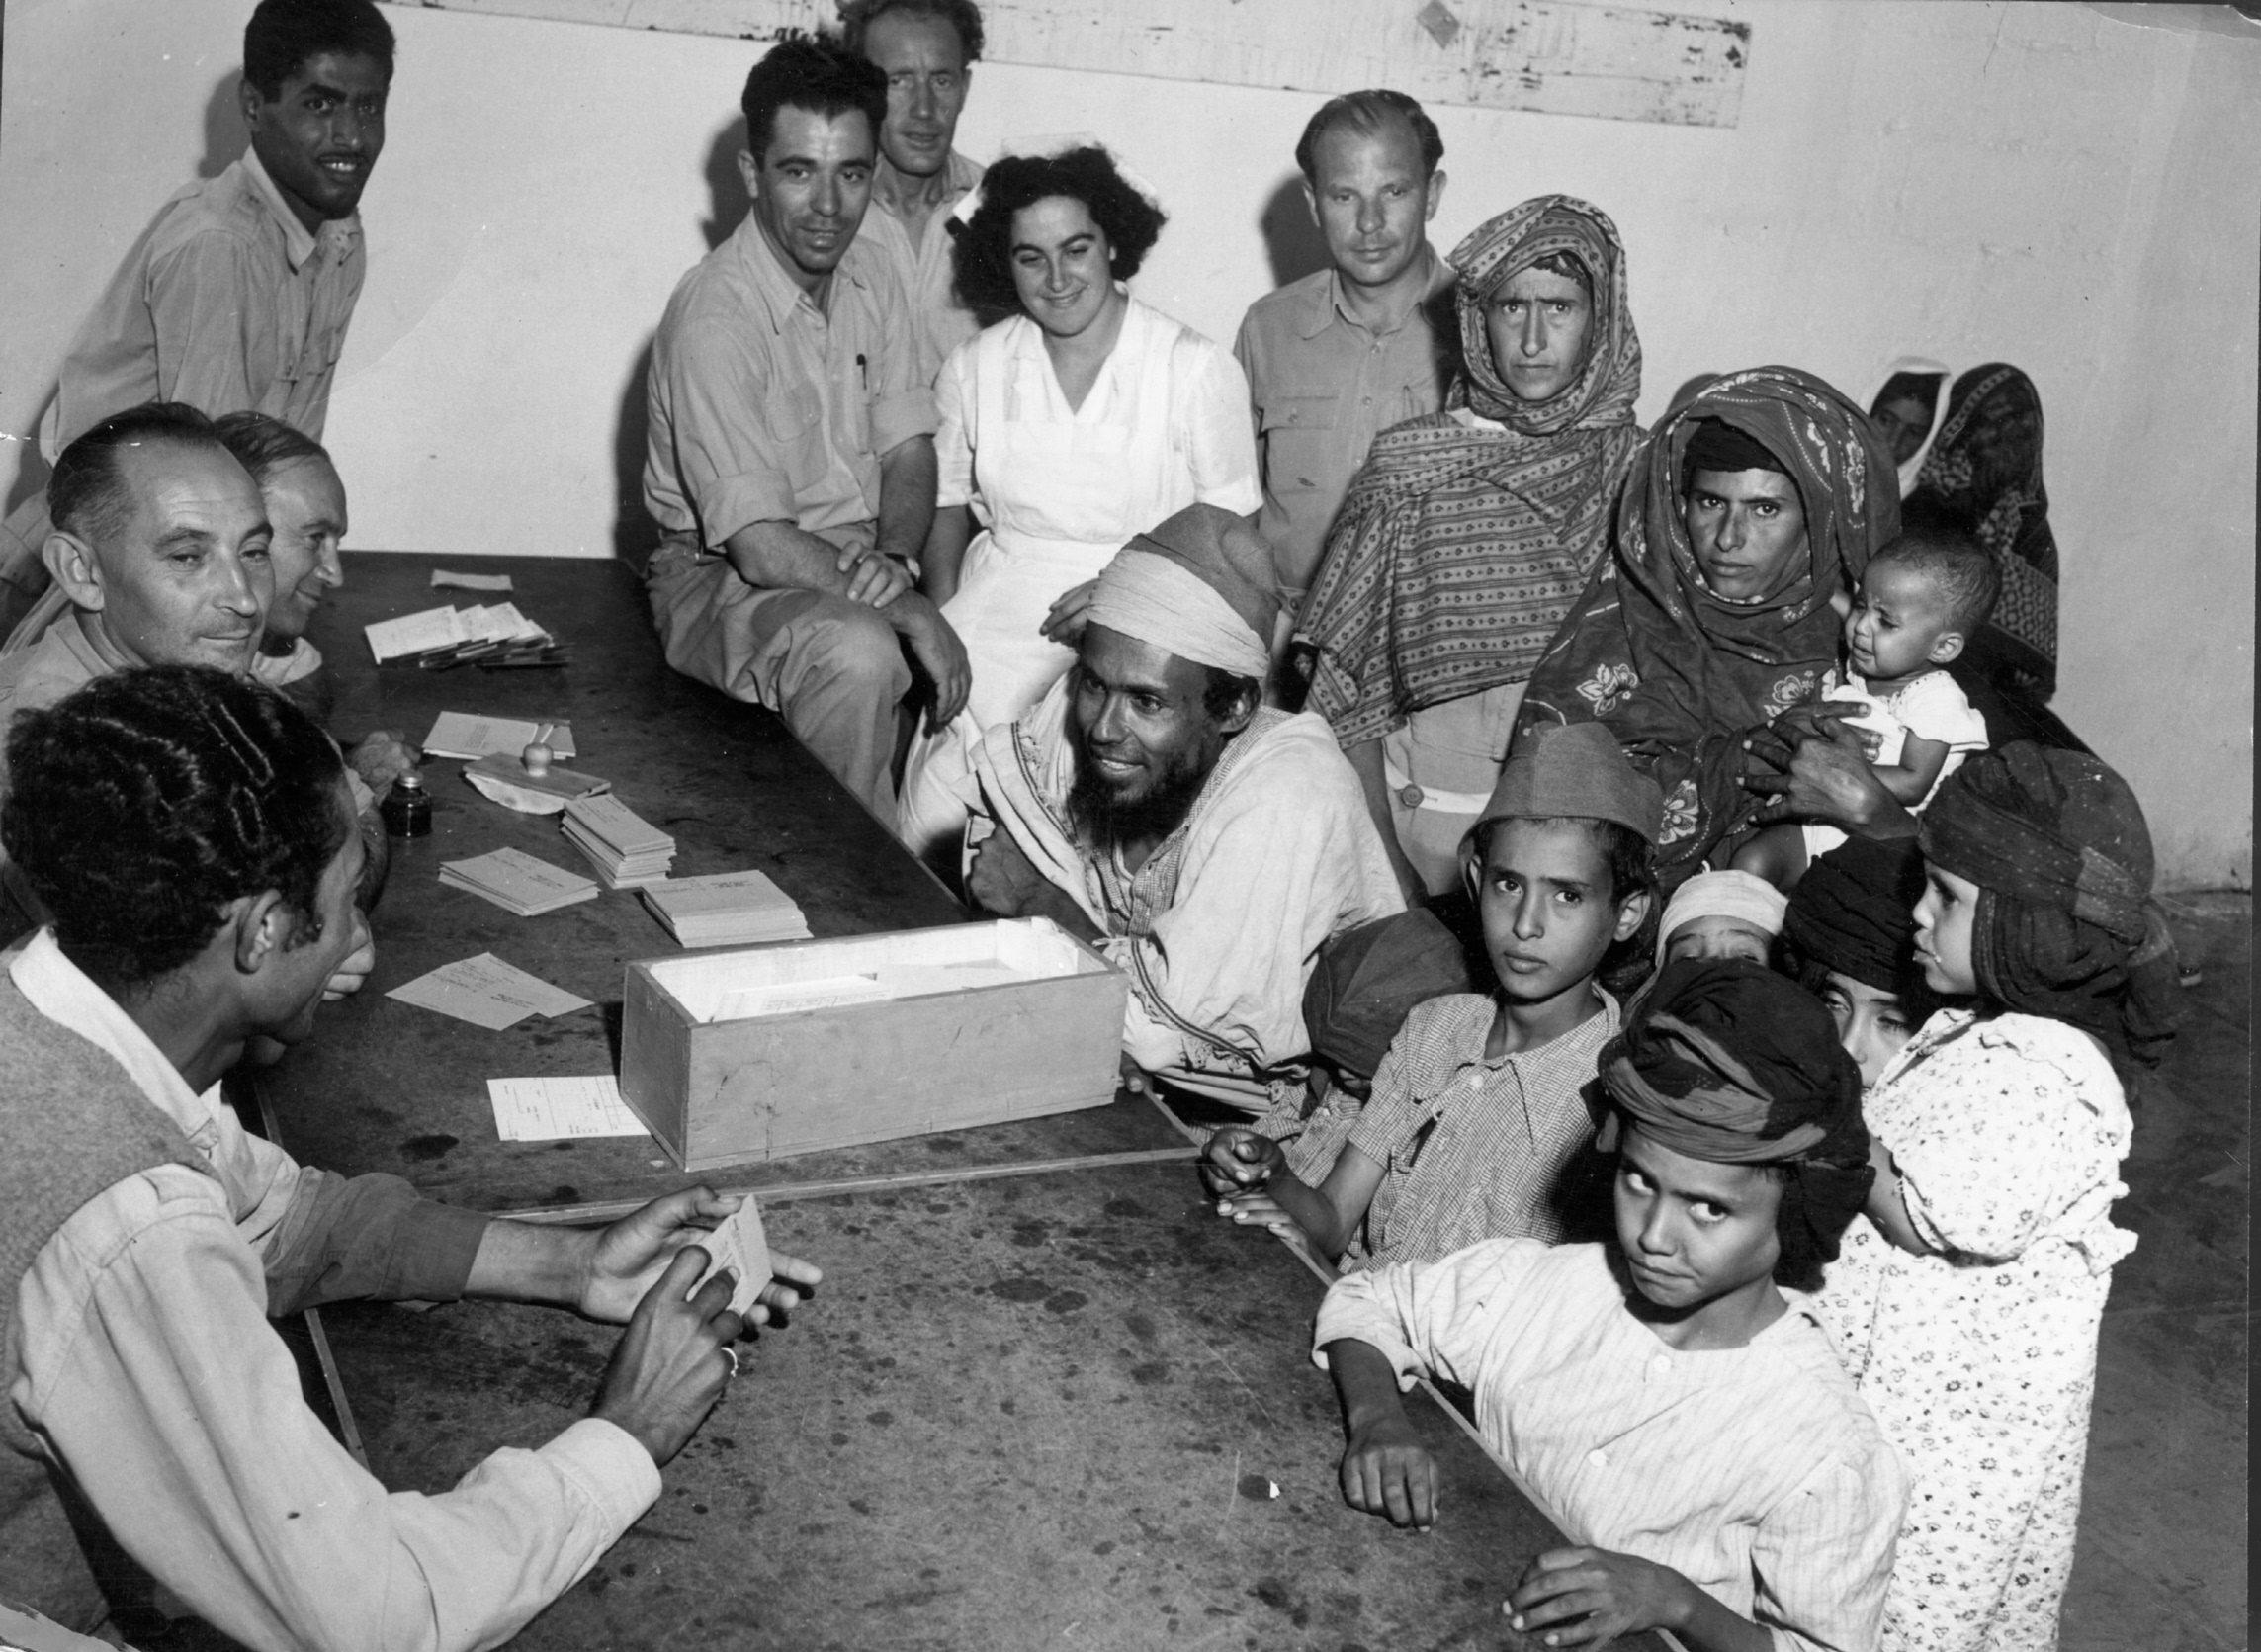 israel 4738 olim immigrants from yemen - <b>Ізраїль звинувачують у злочинах проти людяності та апартеїді.</b> Що сталося та чому країни поки не підтримують ці обвинувачення - Заборона